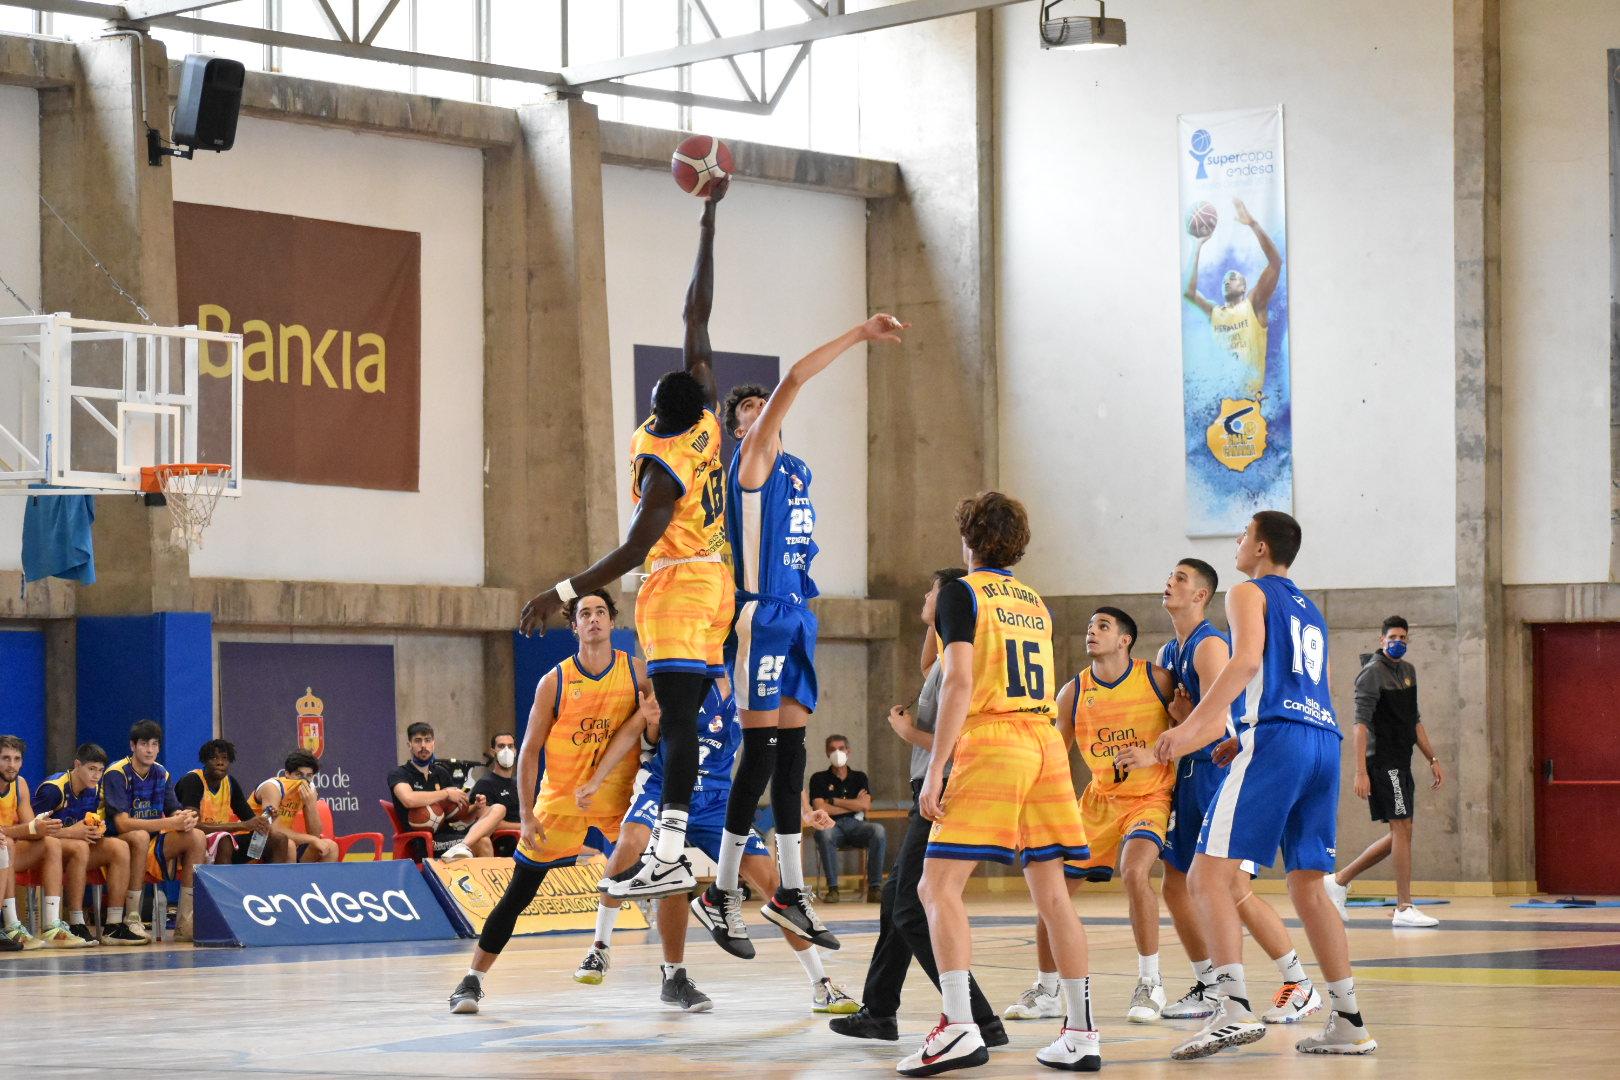 El Gran Canaria-Claret de LEB Plata vence al Náutico de EBA y gana la Copa Gobierno de Canarias